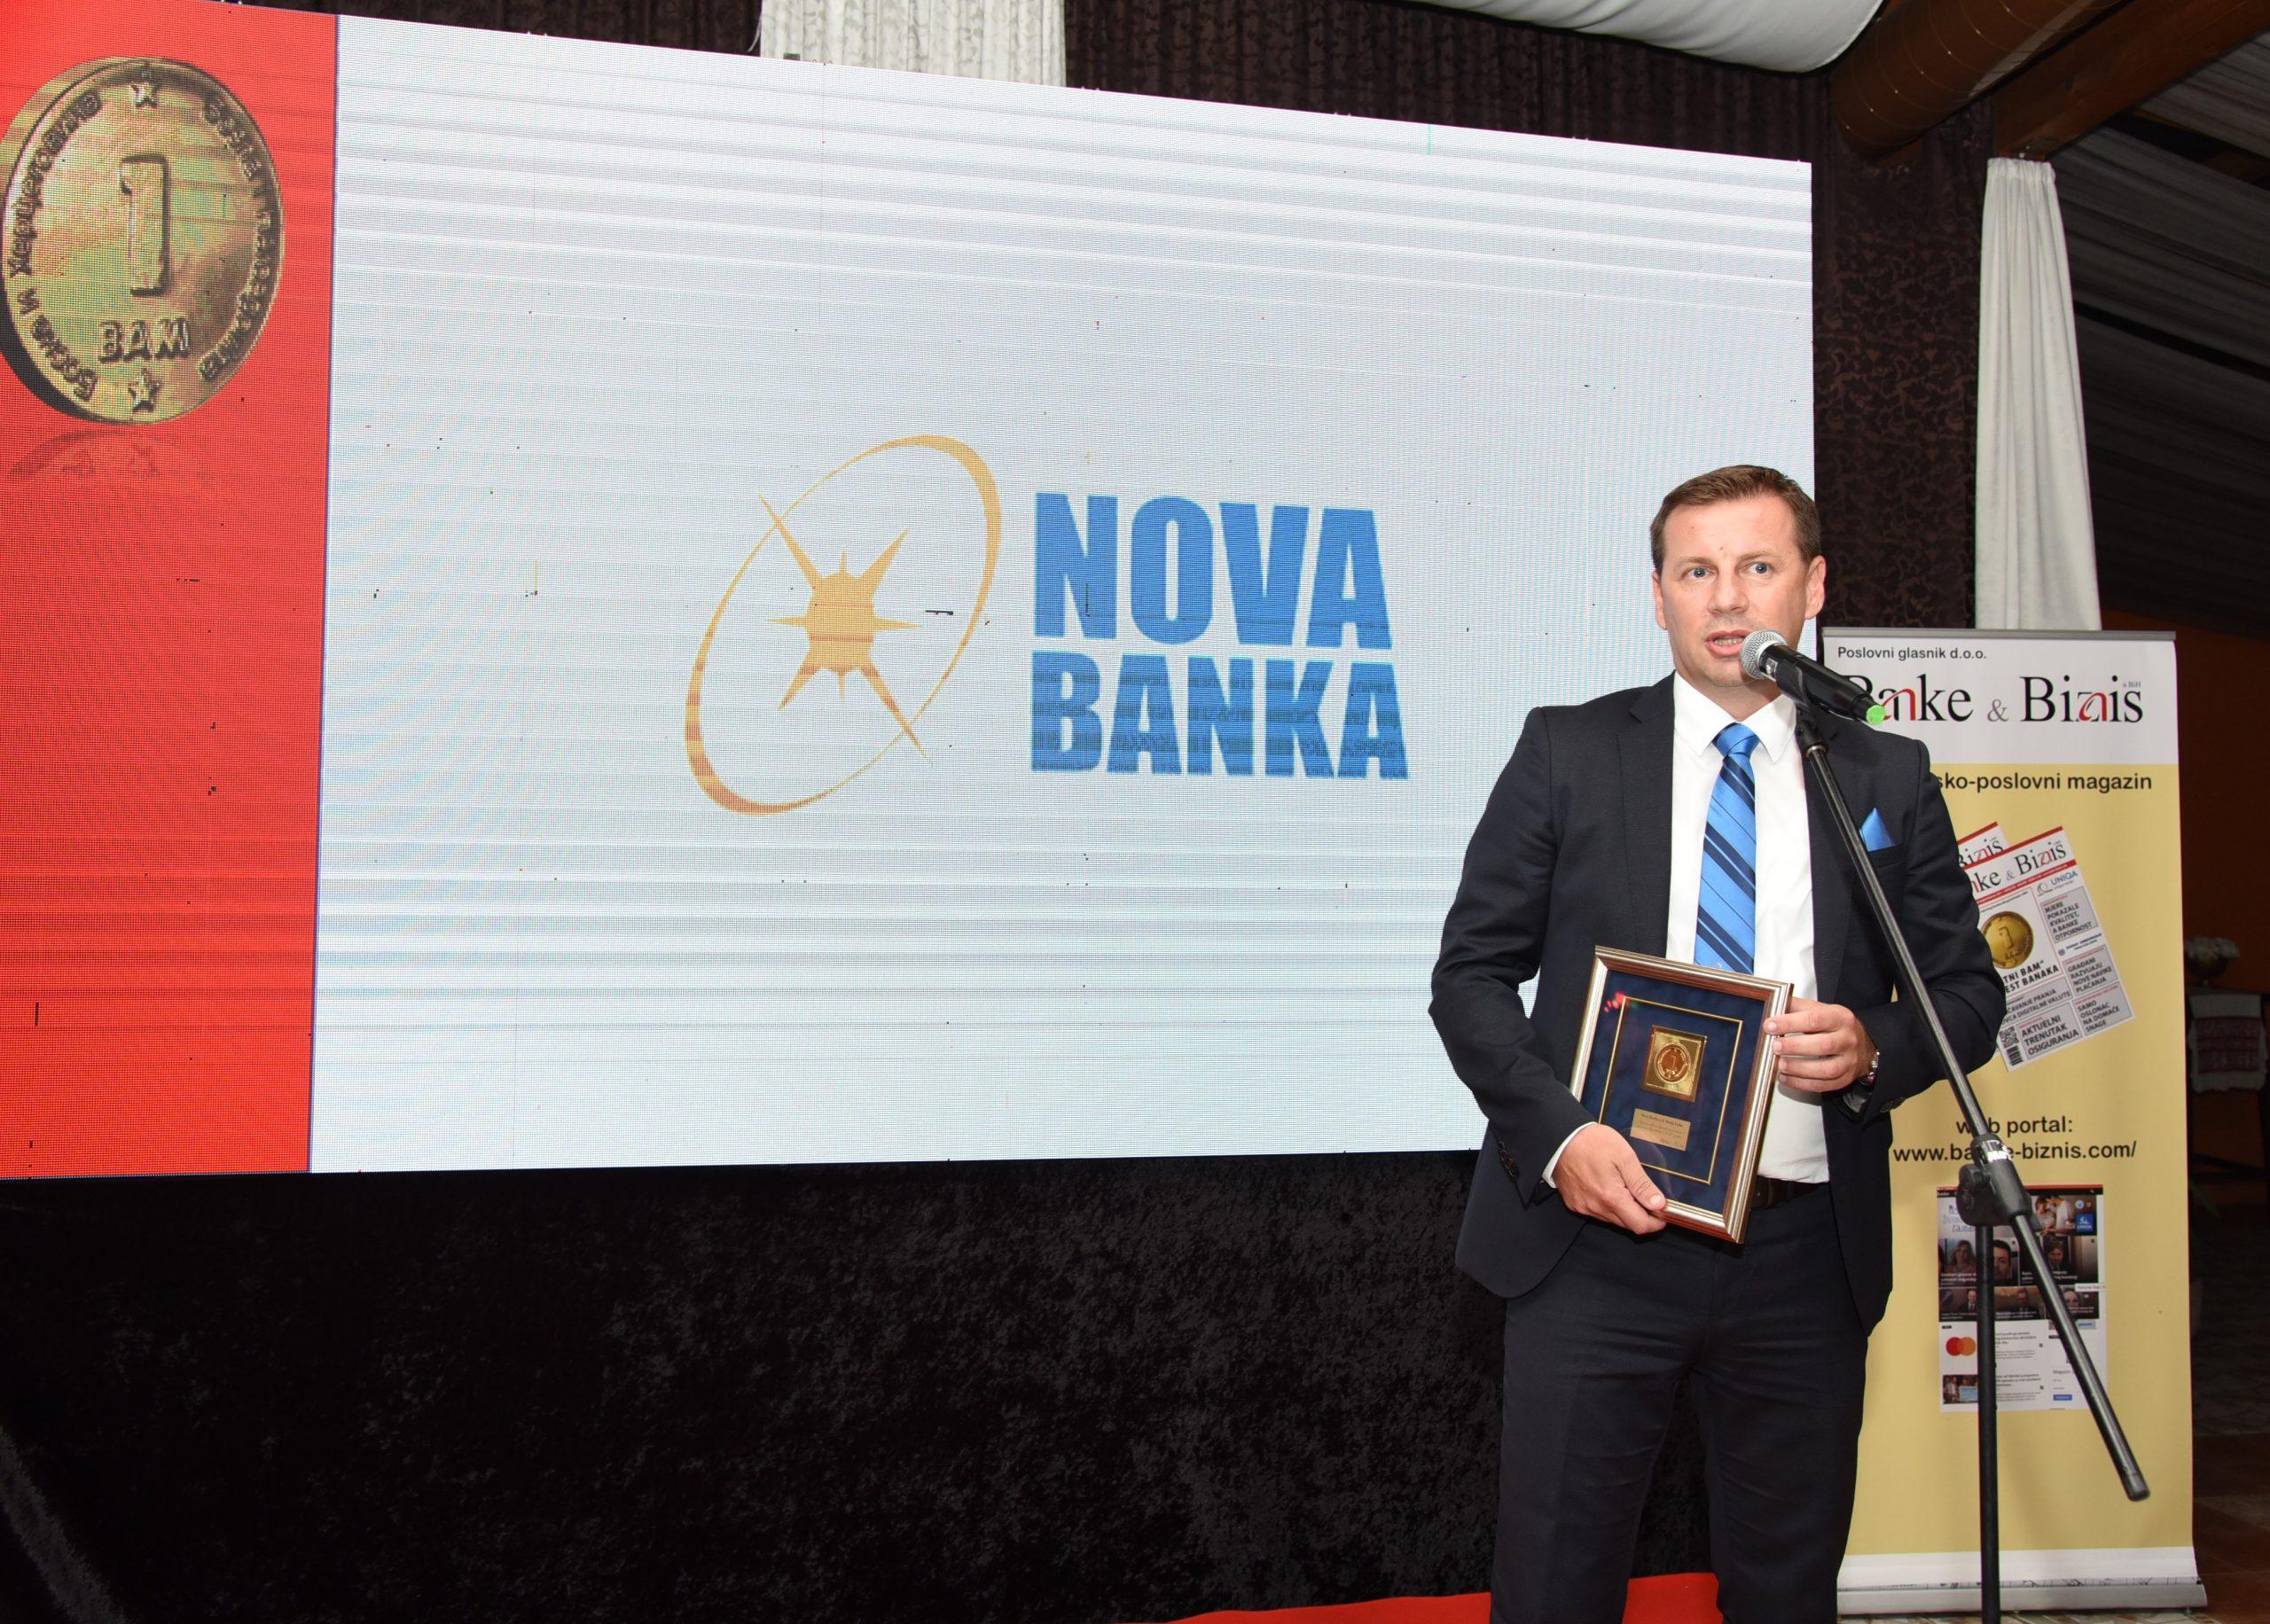 nova banka